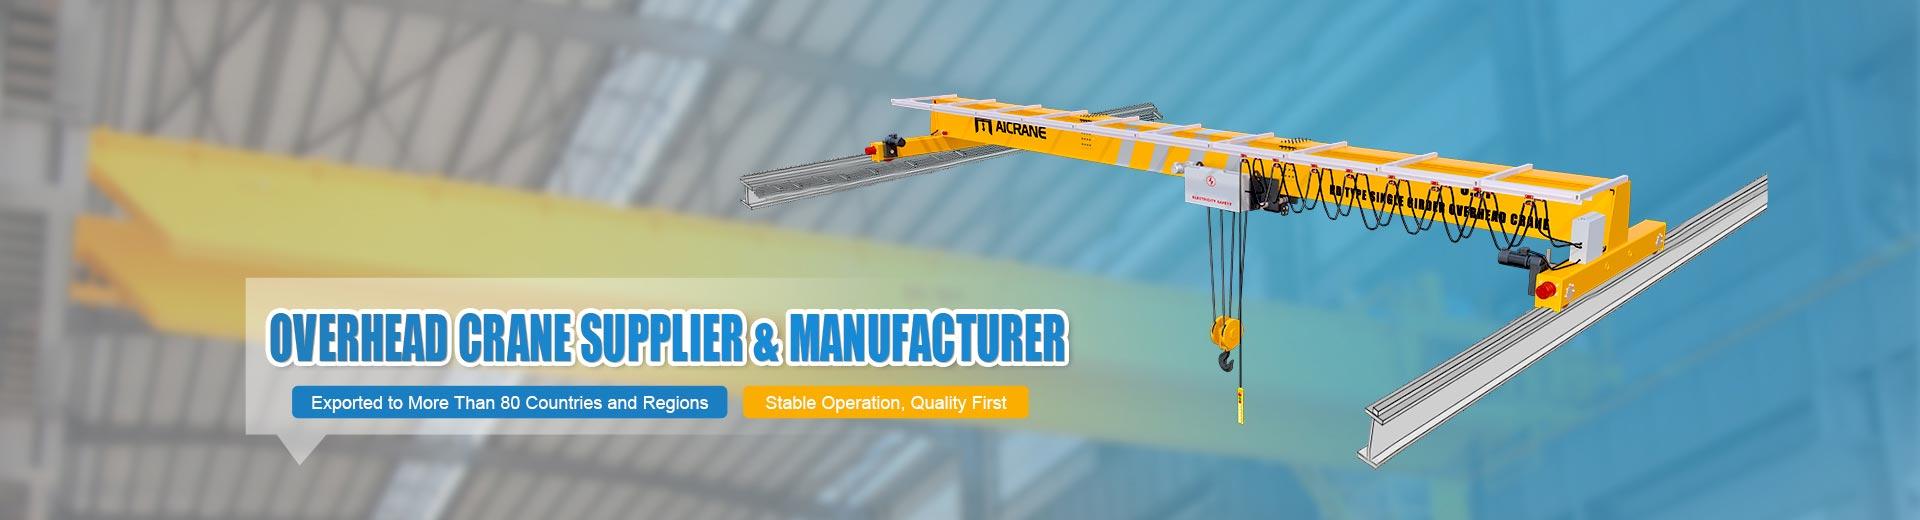 aicrane-overhead-crane-supplier